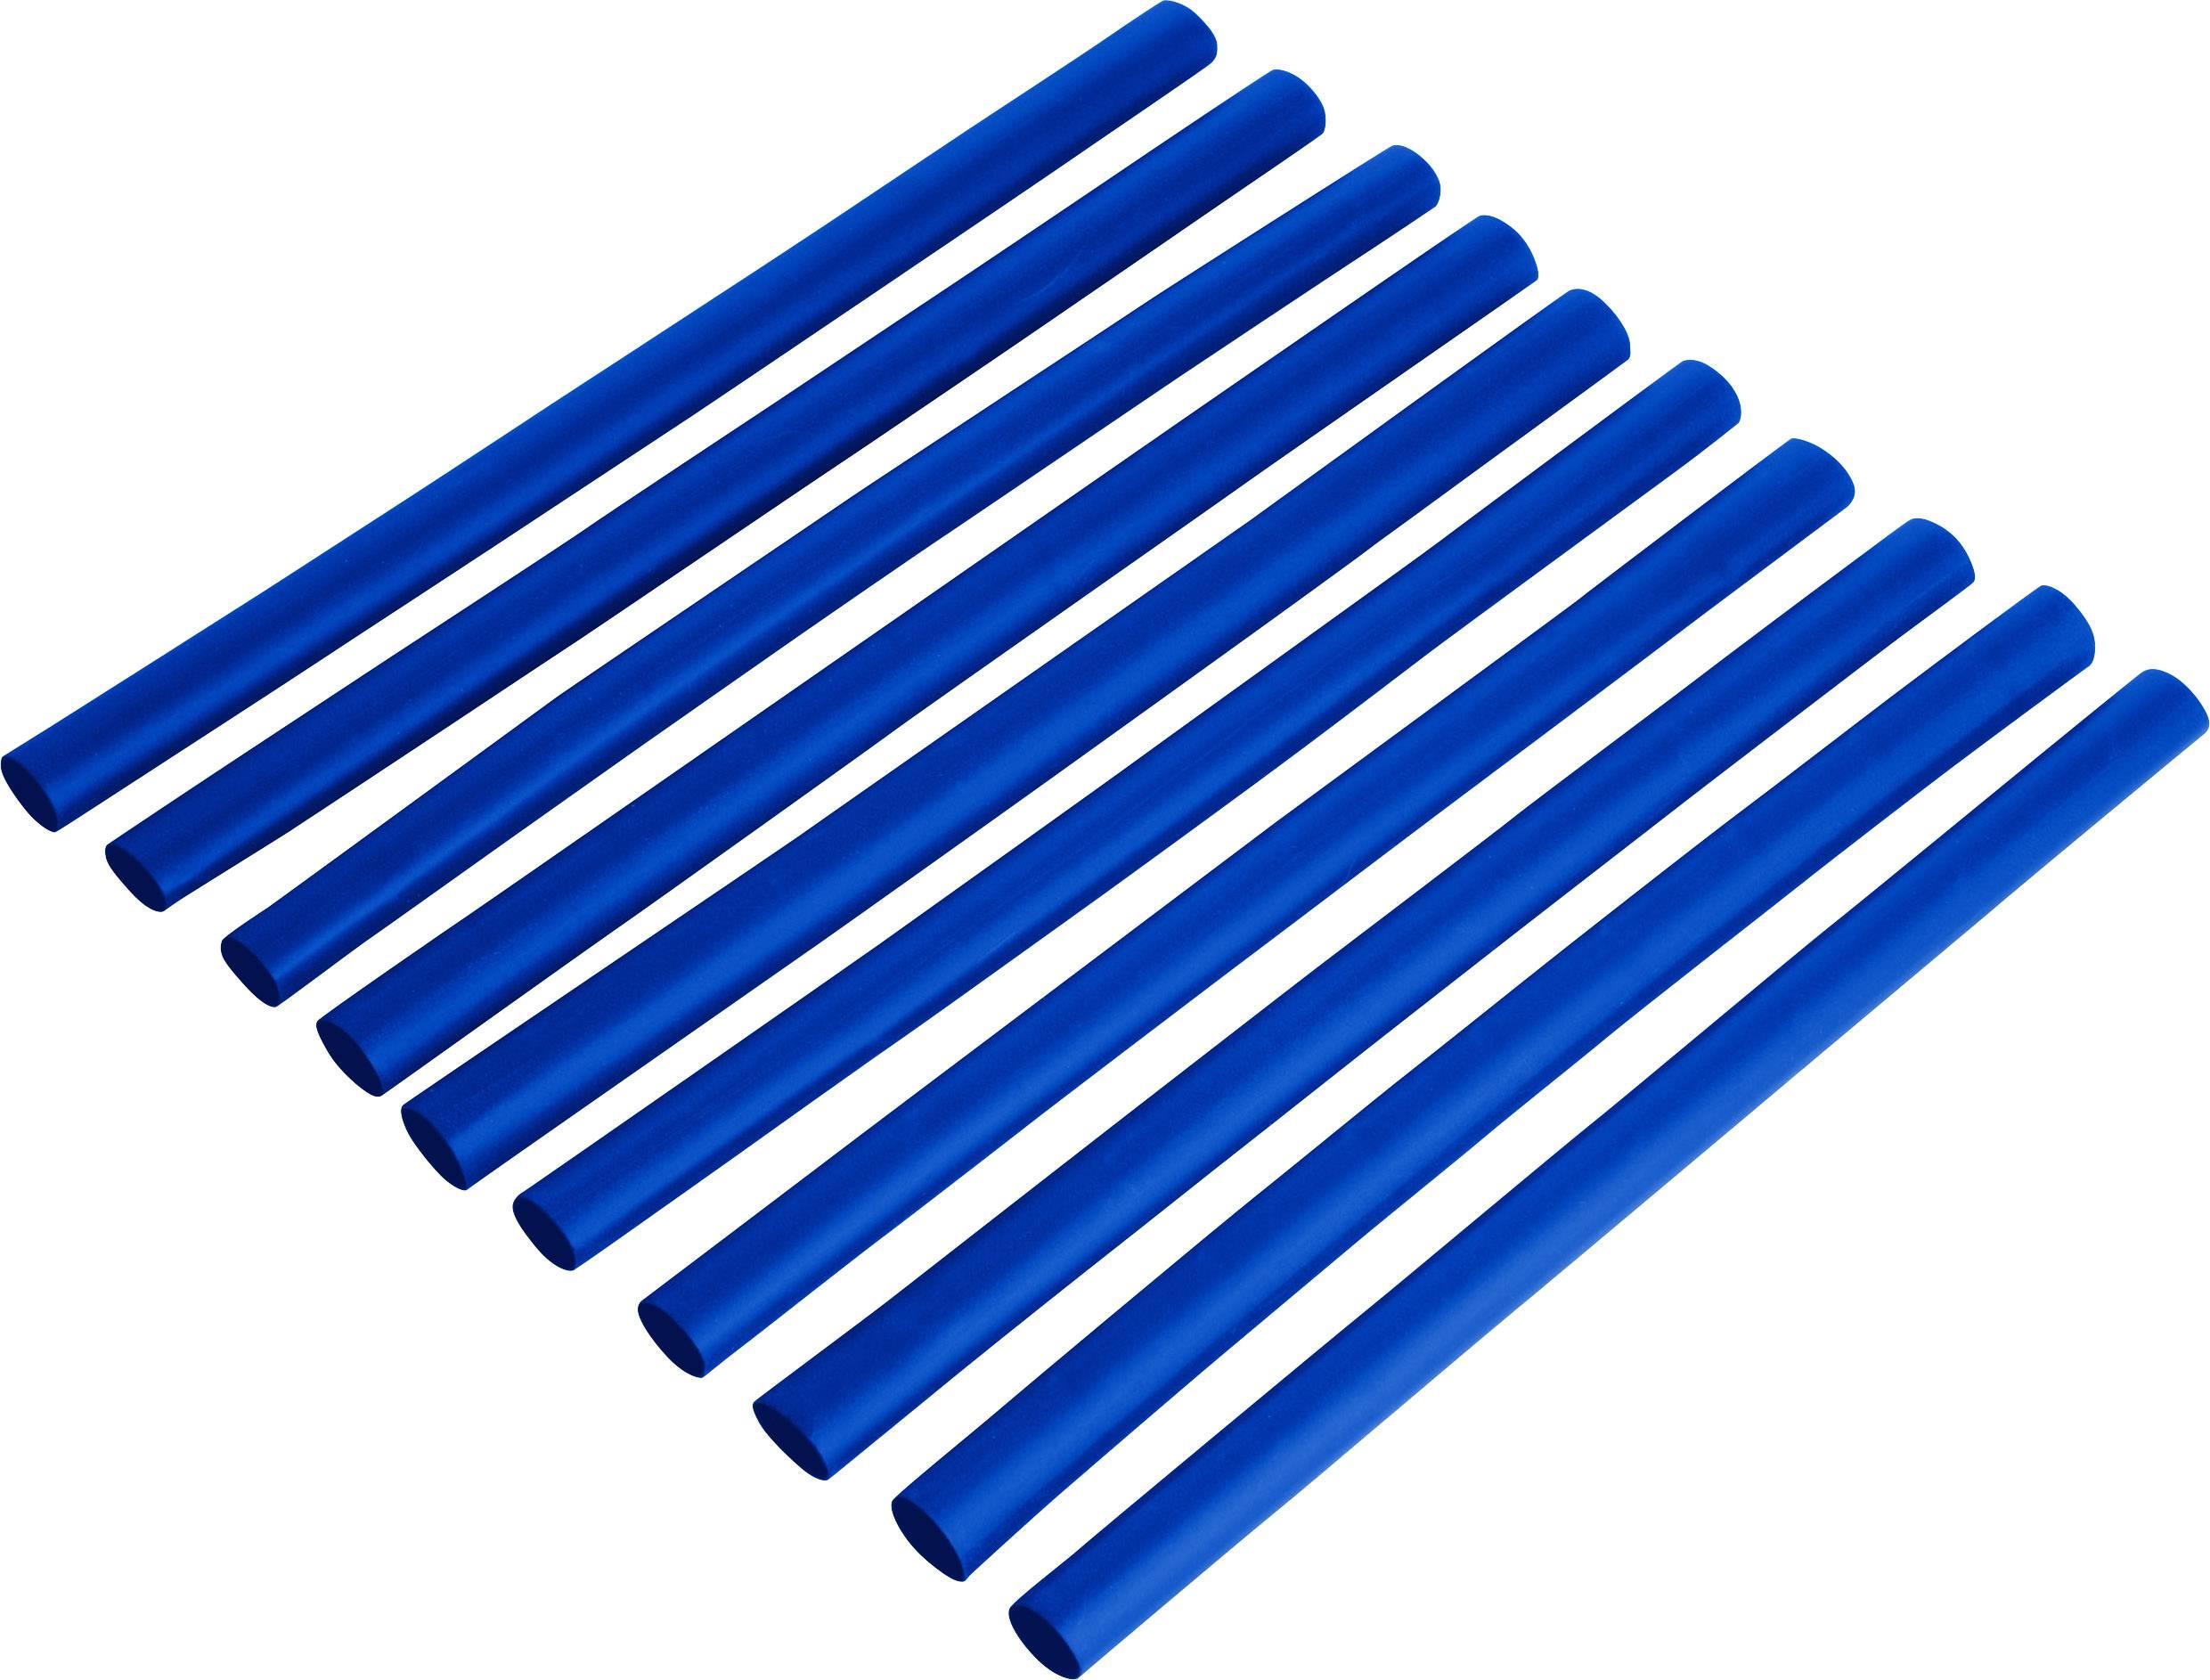 Sada zmršťovacých bužírok DSG Canusa 2810048502CO, 2:1, 2.40 mm /4.80 mm, modrá, 1 sada